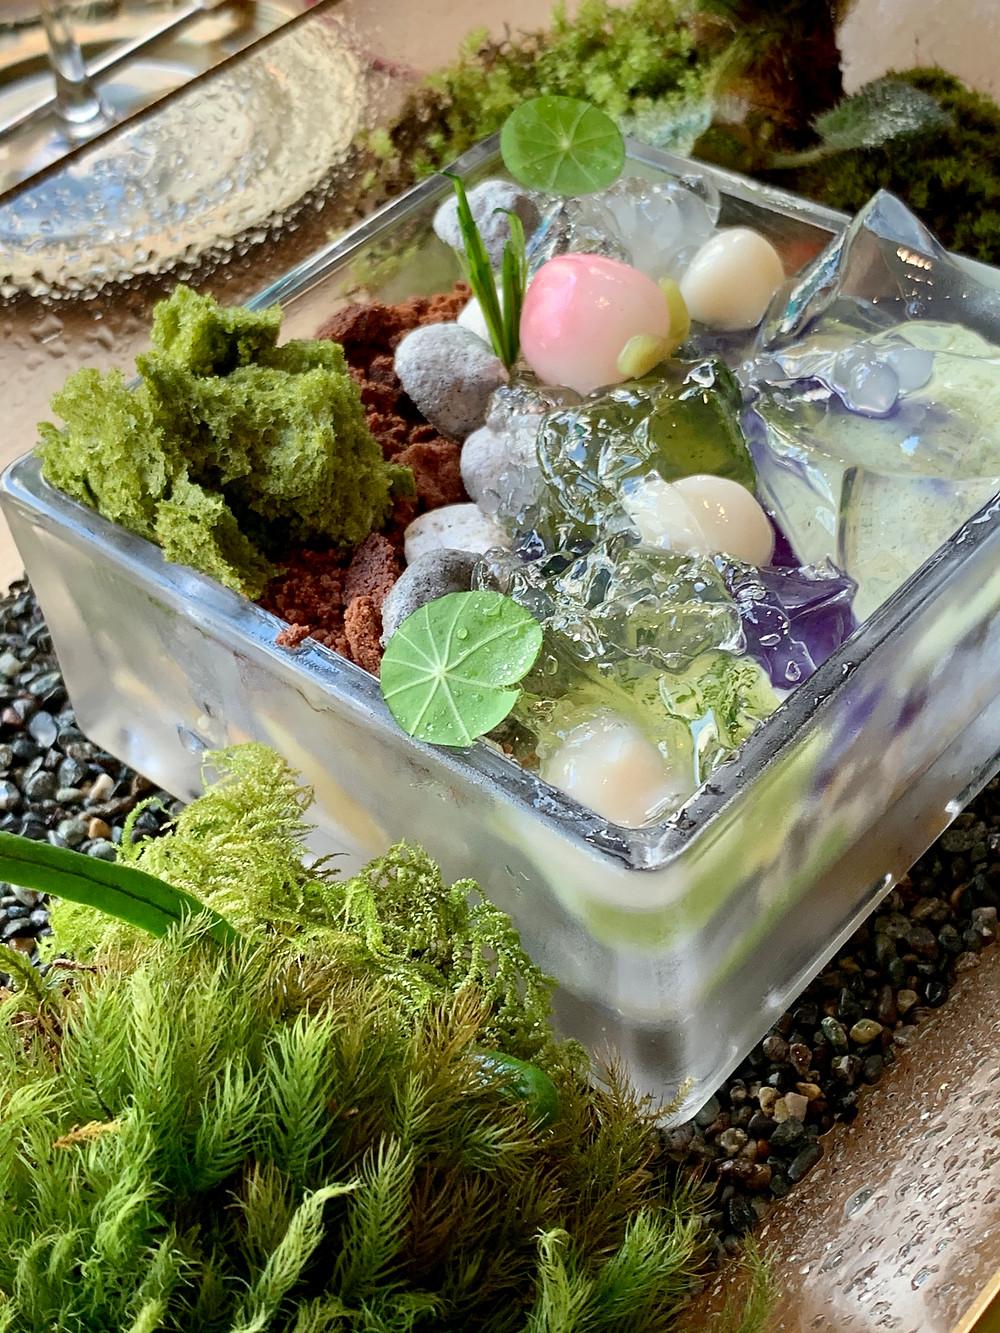 Gelatina de ervas e shissô; compotas e sorbet de pêssego; parfait e sorvete de senchá; casca de frutas cítricas cristalizadas; merengue de gergelim preto; tapioca; kibidango